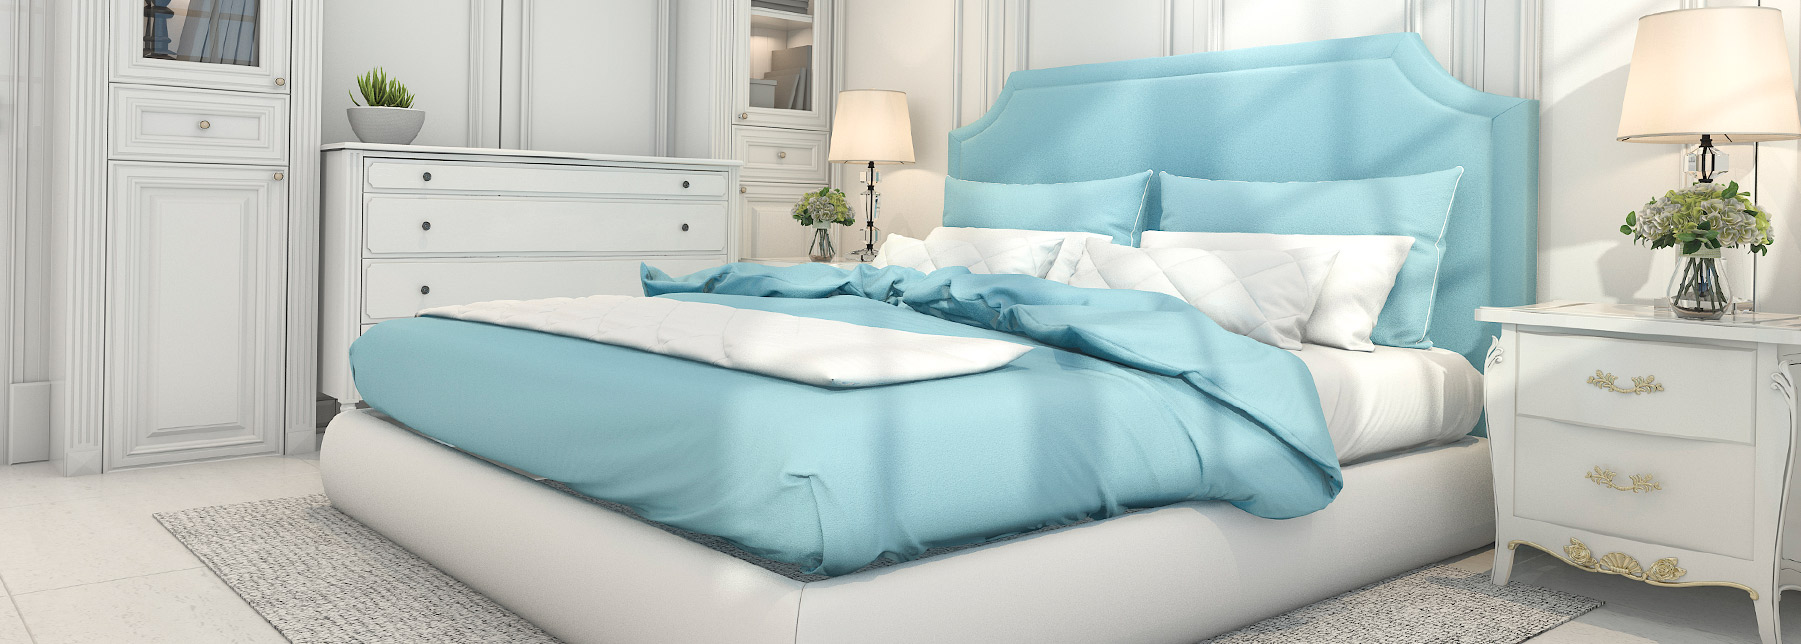 Aprenda como arrumar a cama dos sonhos!